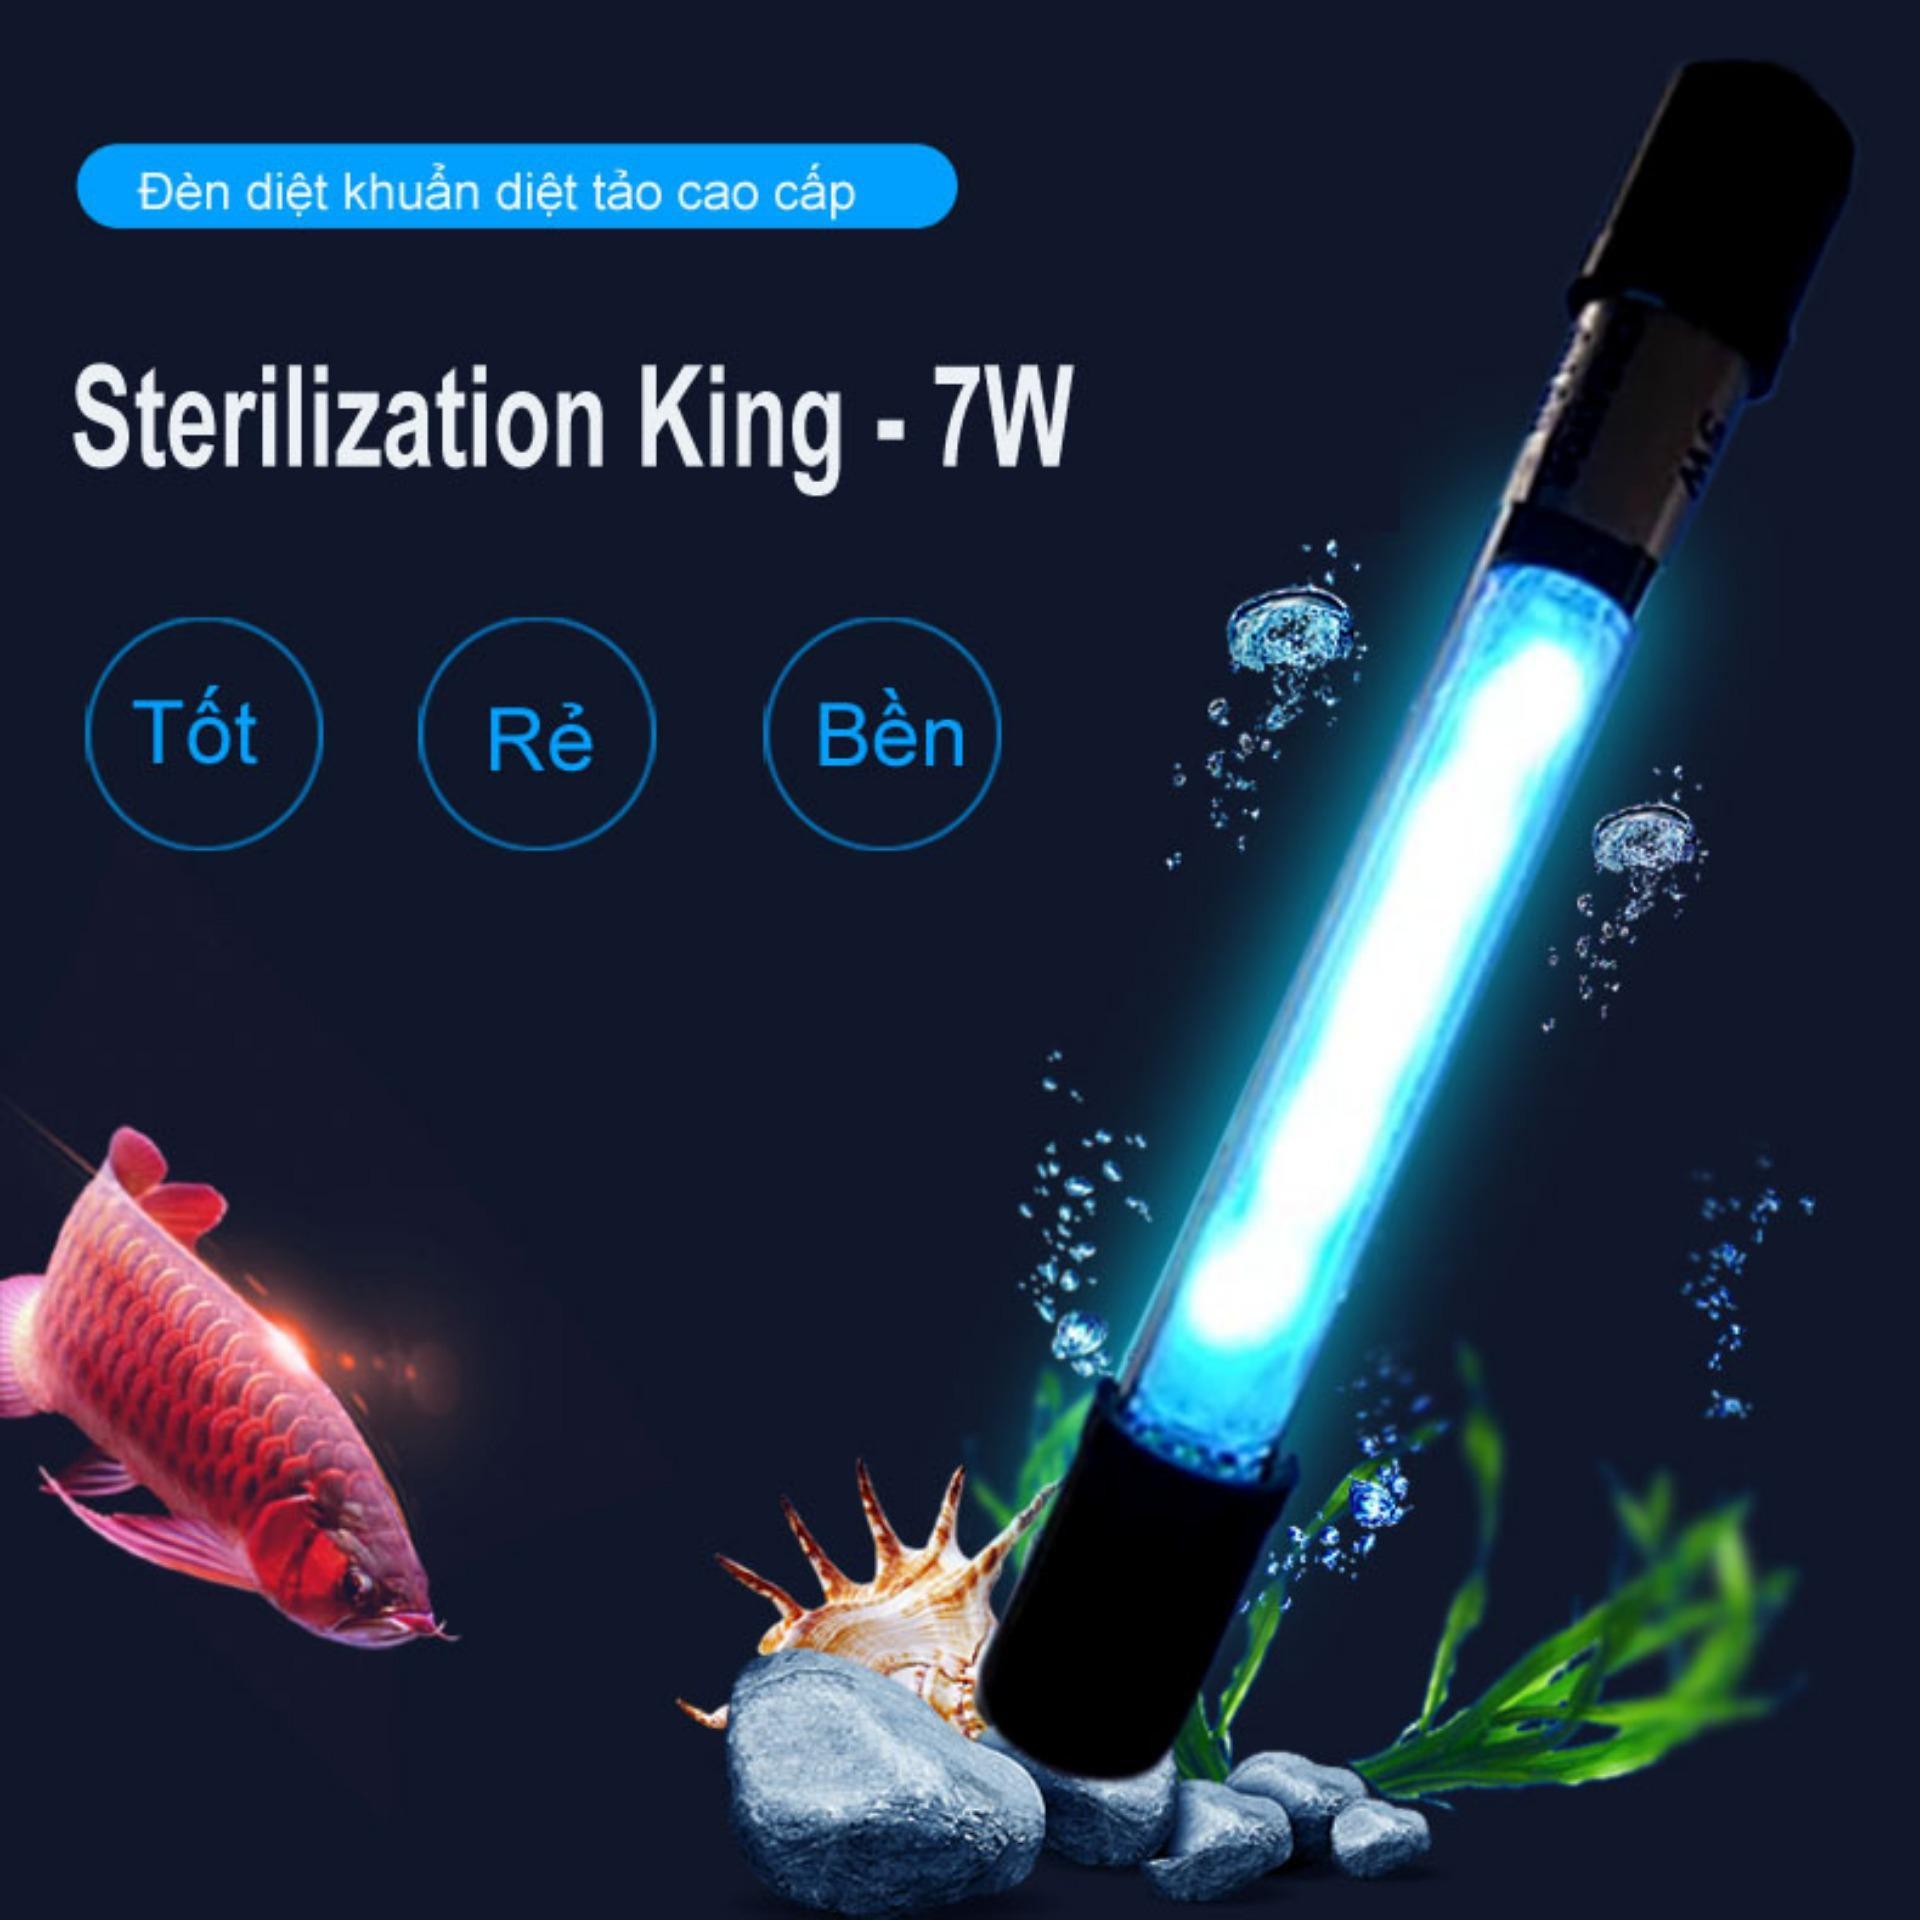 Lọc nước hồ cá - Đèn UV King Sterilization 7W diệt khuẩn diệt tảo cao cấp ( Trắng)